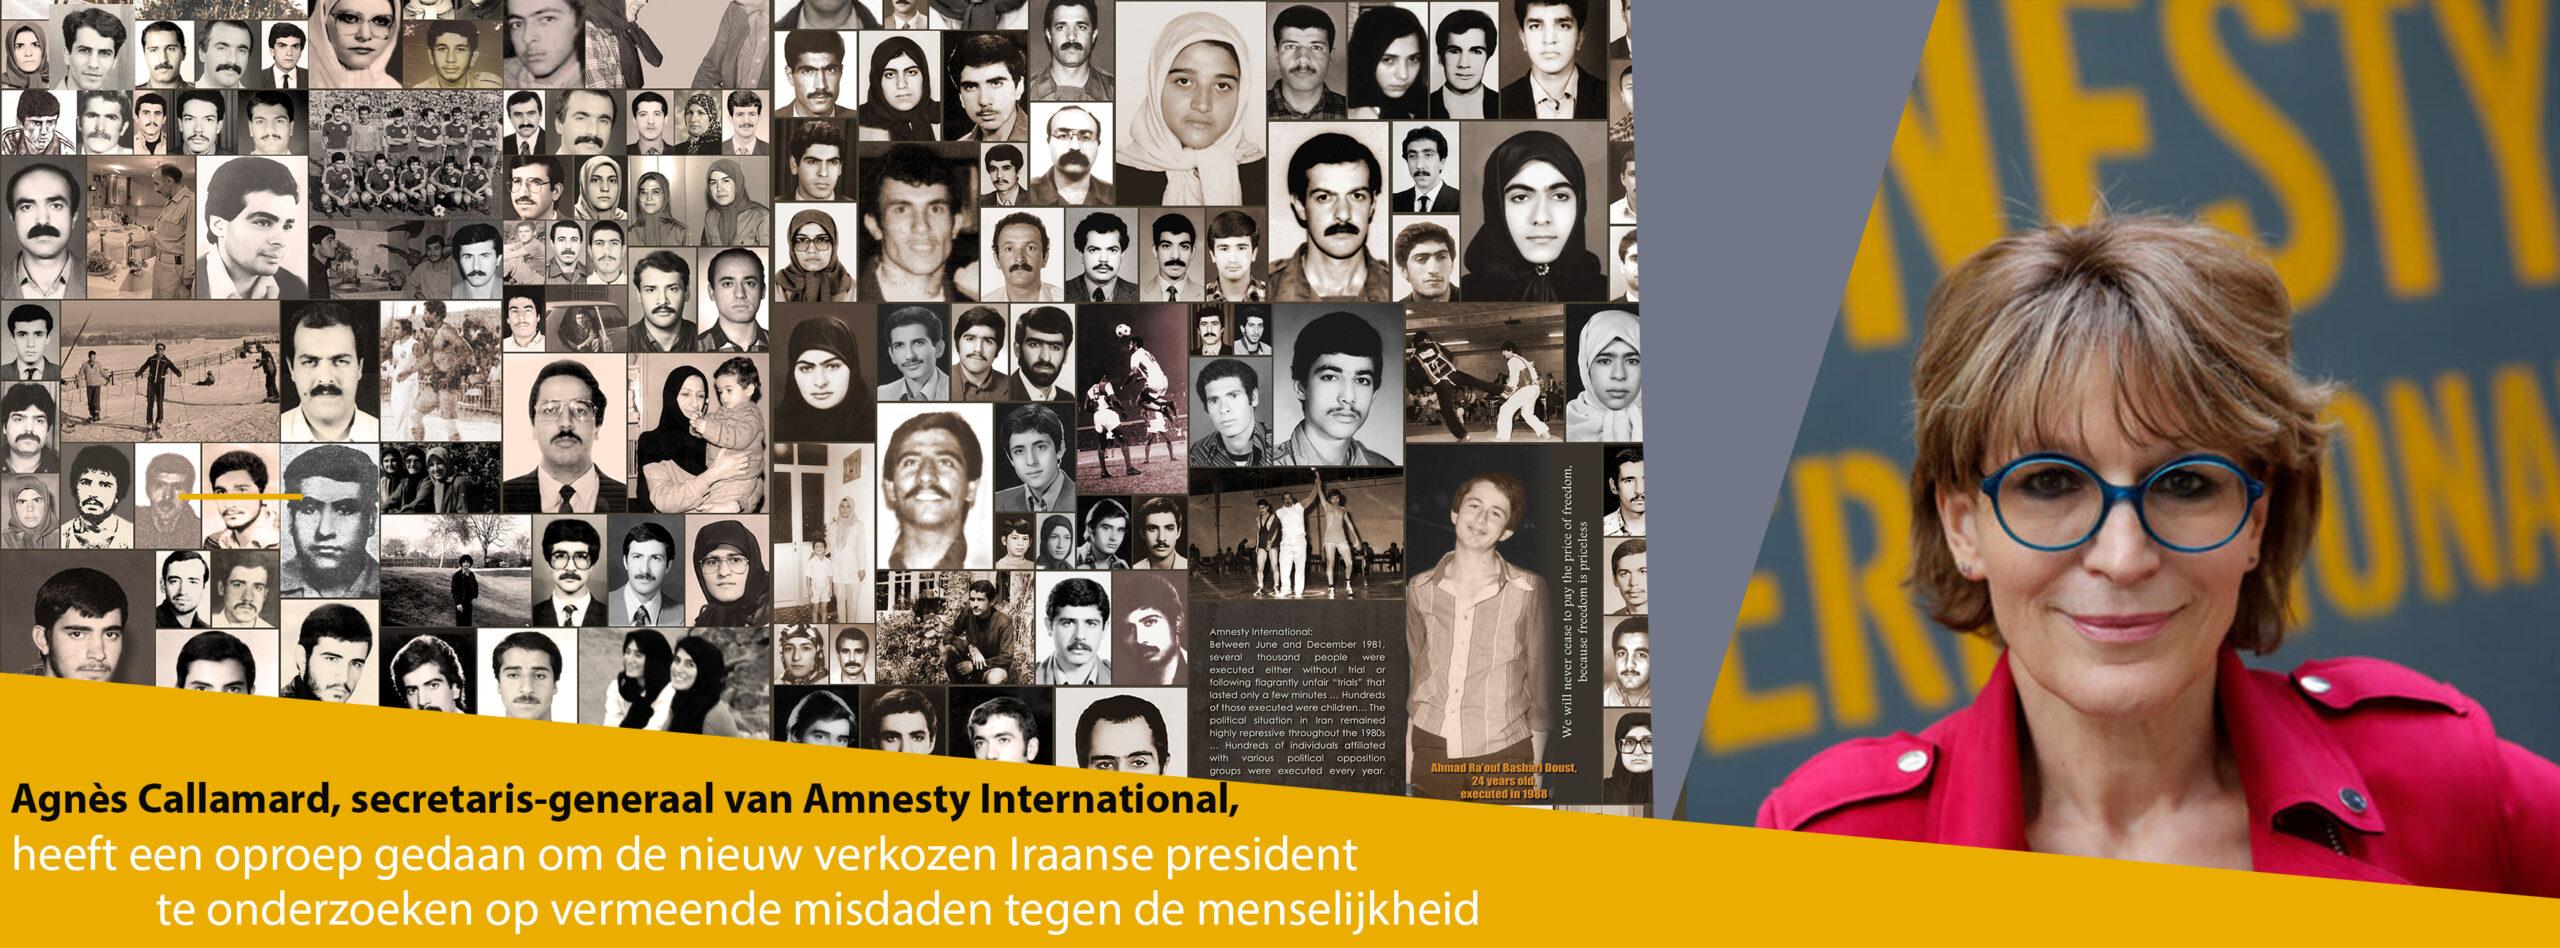 nieuw verkozen Iraanse president